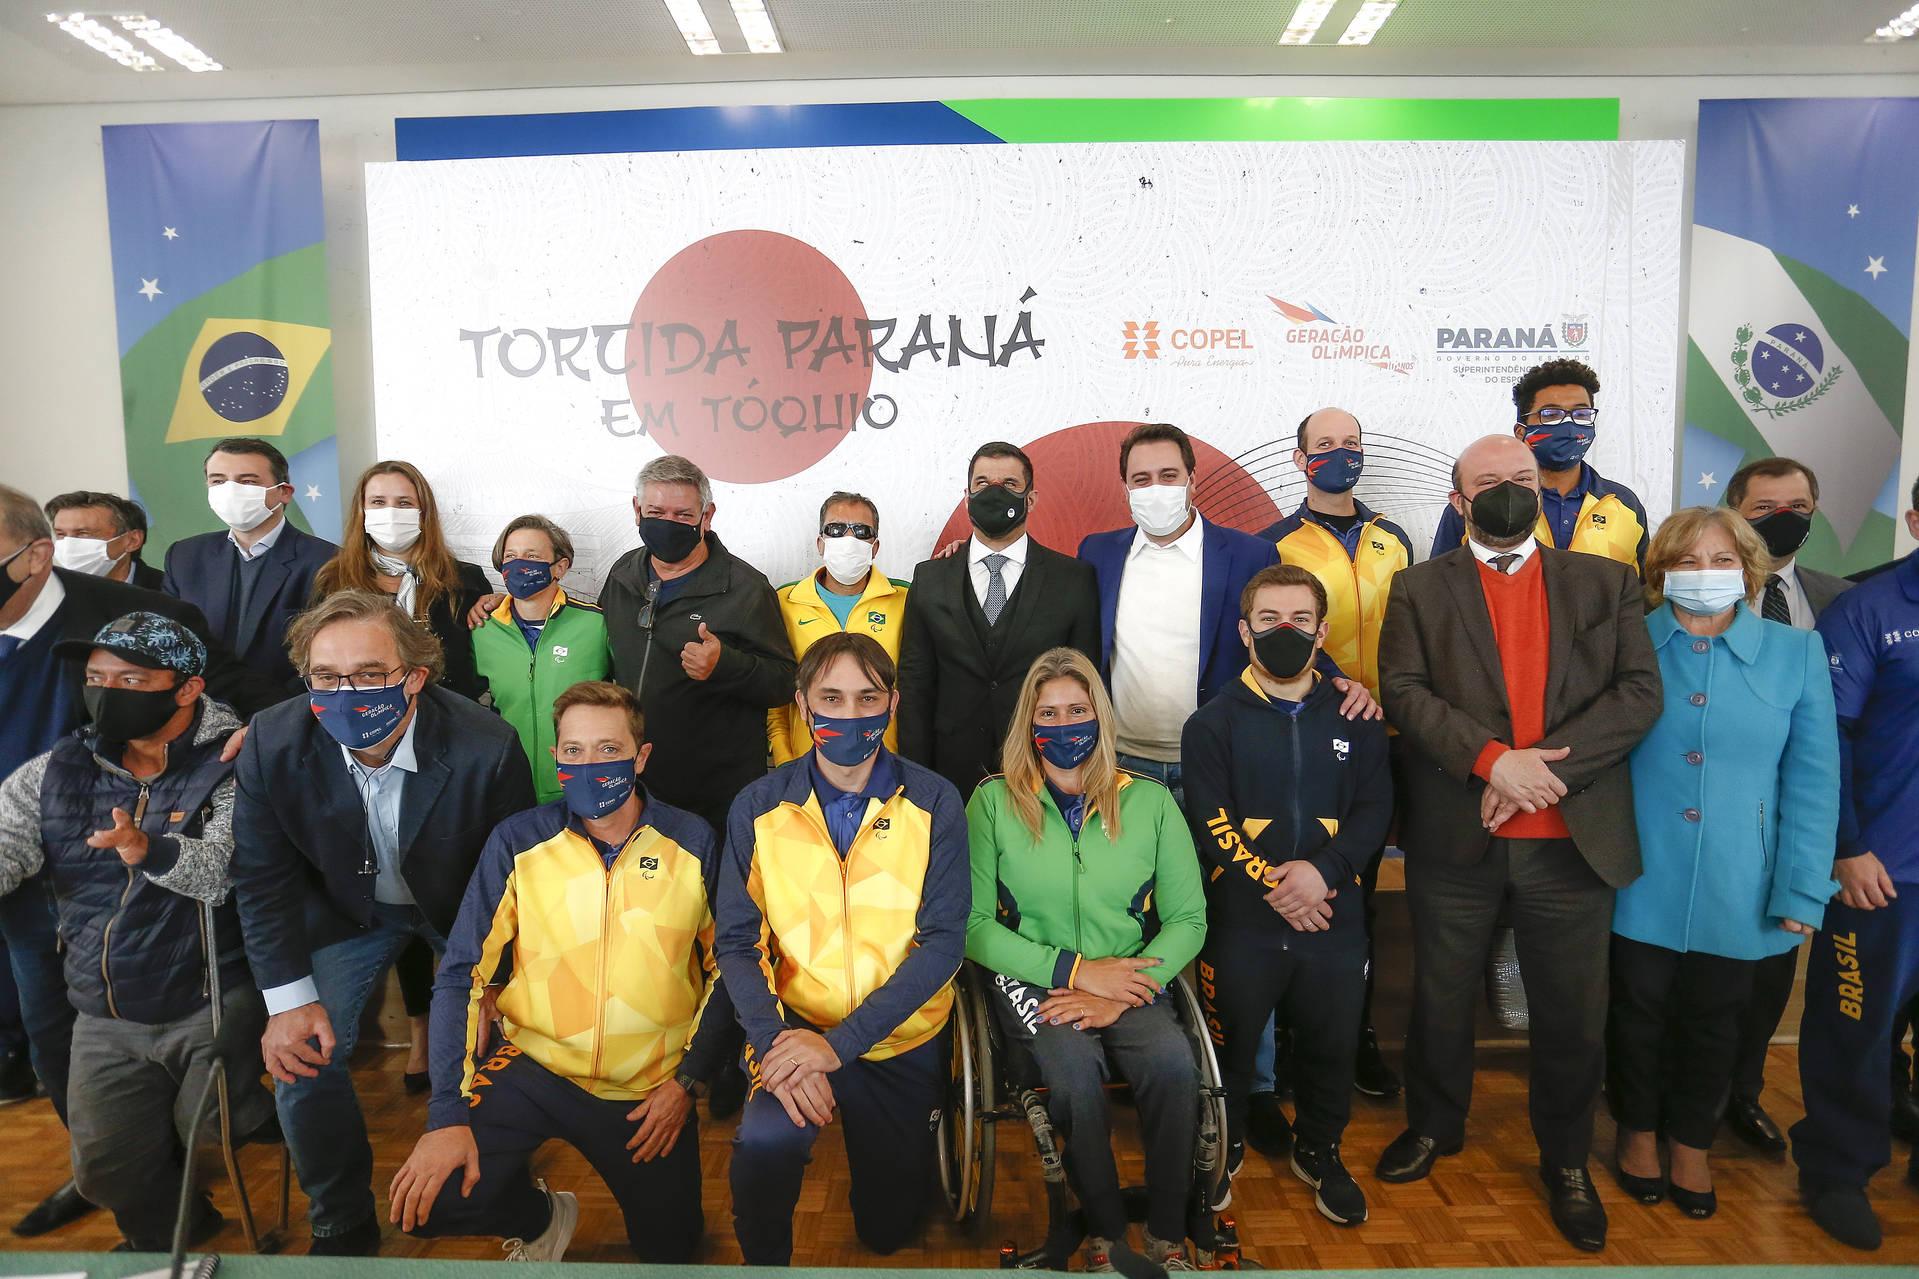 Com suporte do Estado, Paraná terá a maior delegação da história nos Jogos de Tóquio 2020